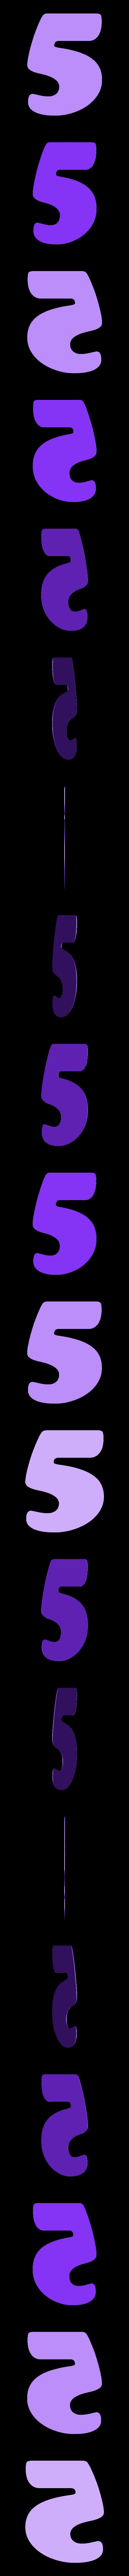 Number 5.stl Télécharger fichier STL Autocollants de bonne fête • Modèle pour impression 3D, abbymath